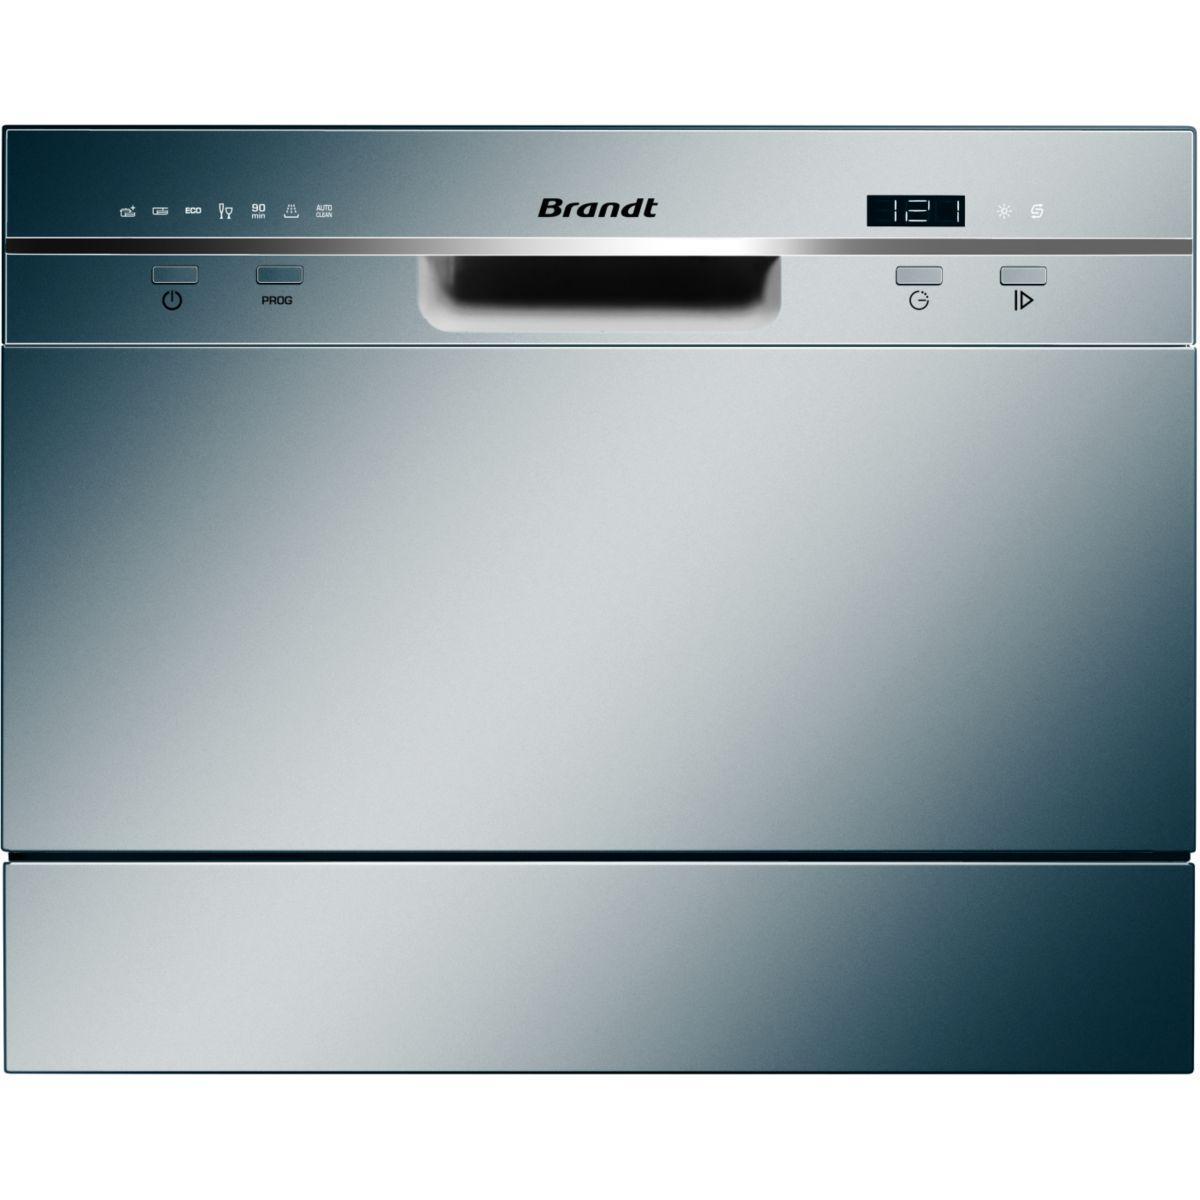 Lave-vaisselle 45cm brandt dfc6519s silver - 2% de remise immédiate avec le code : cool2 (photo)